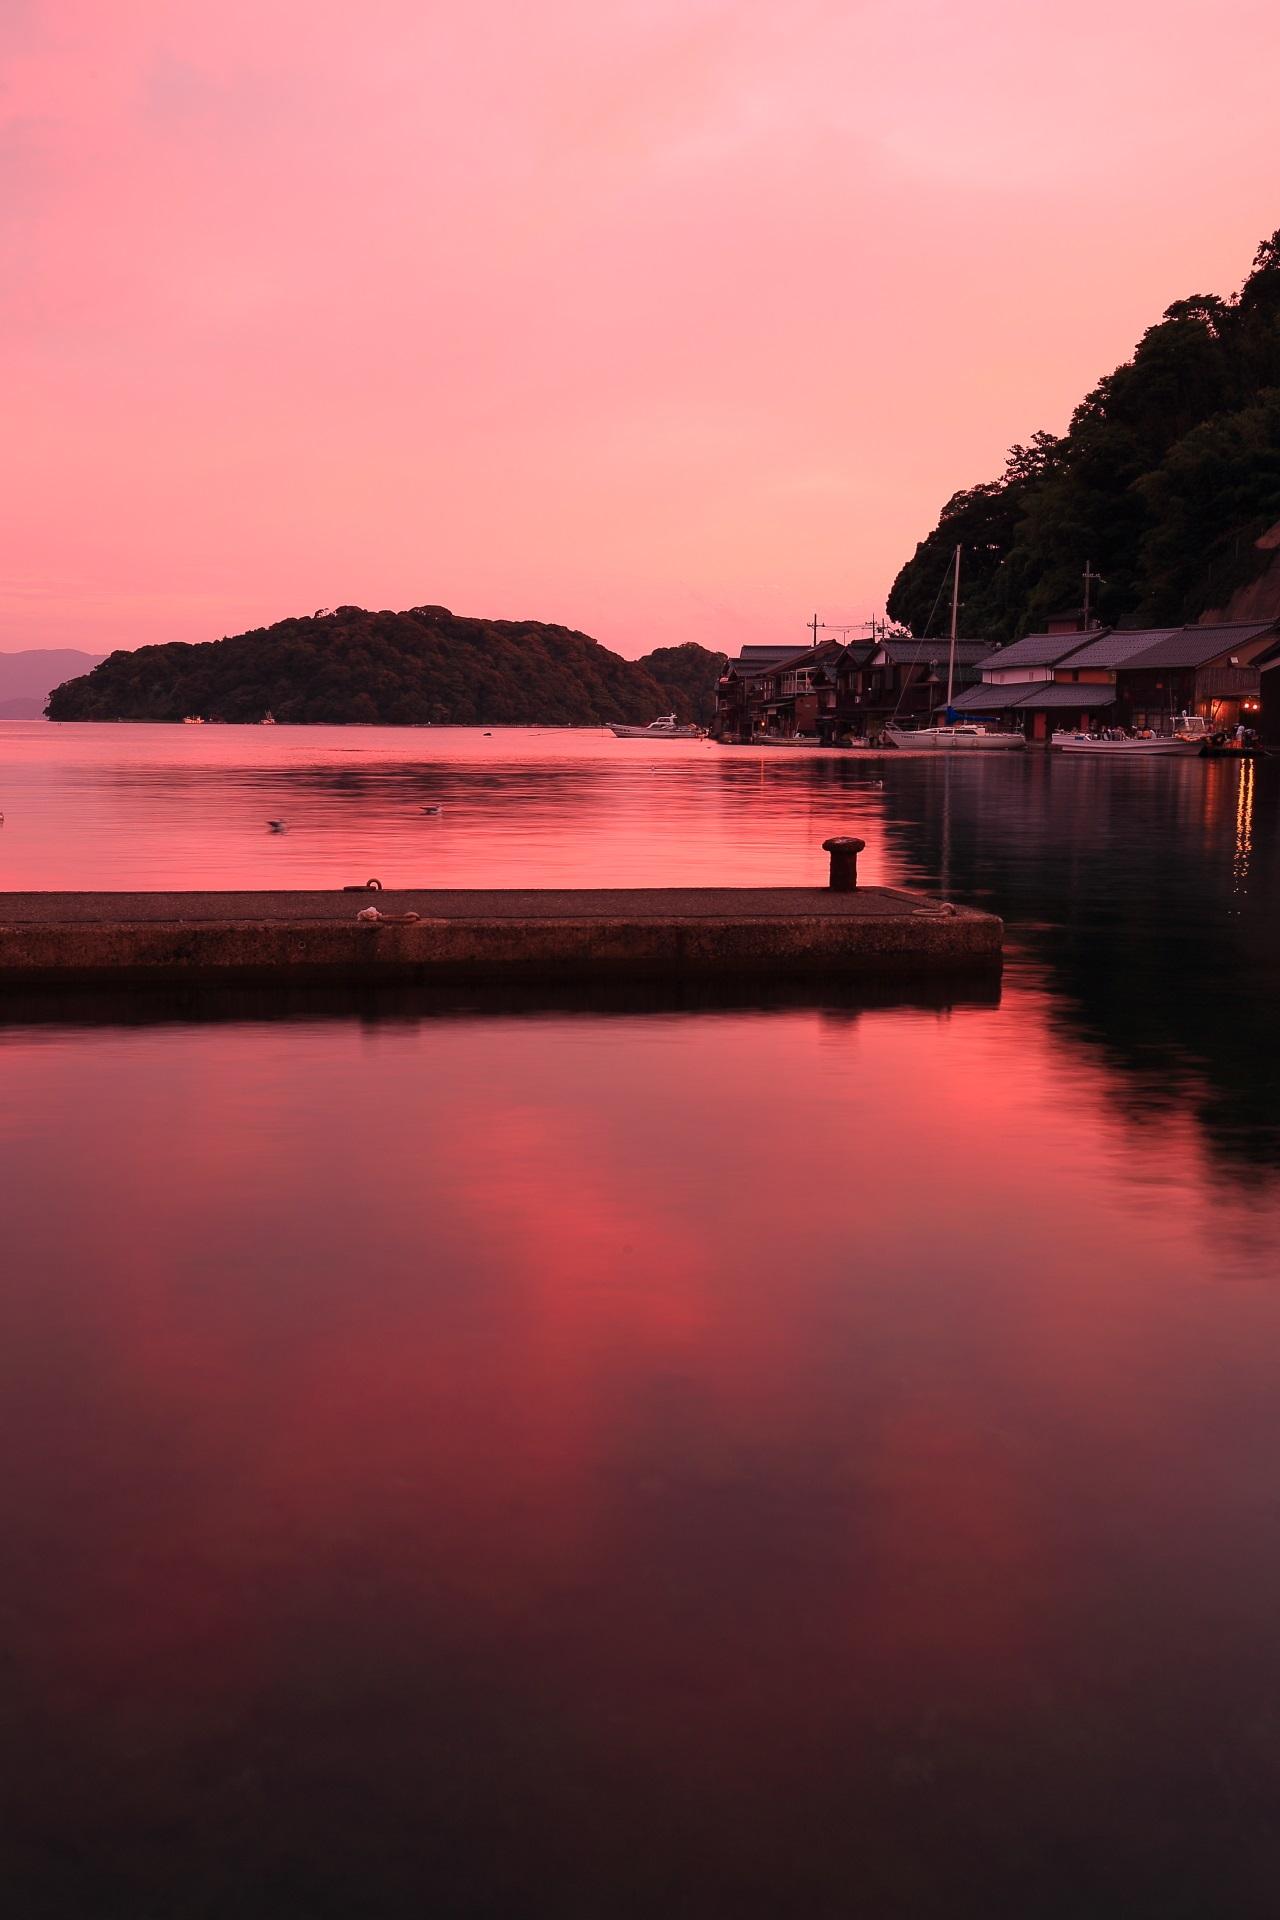 ほのかな色合いにつつまれる幻想的な伊根湾の光景